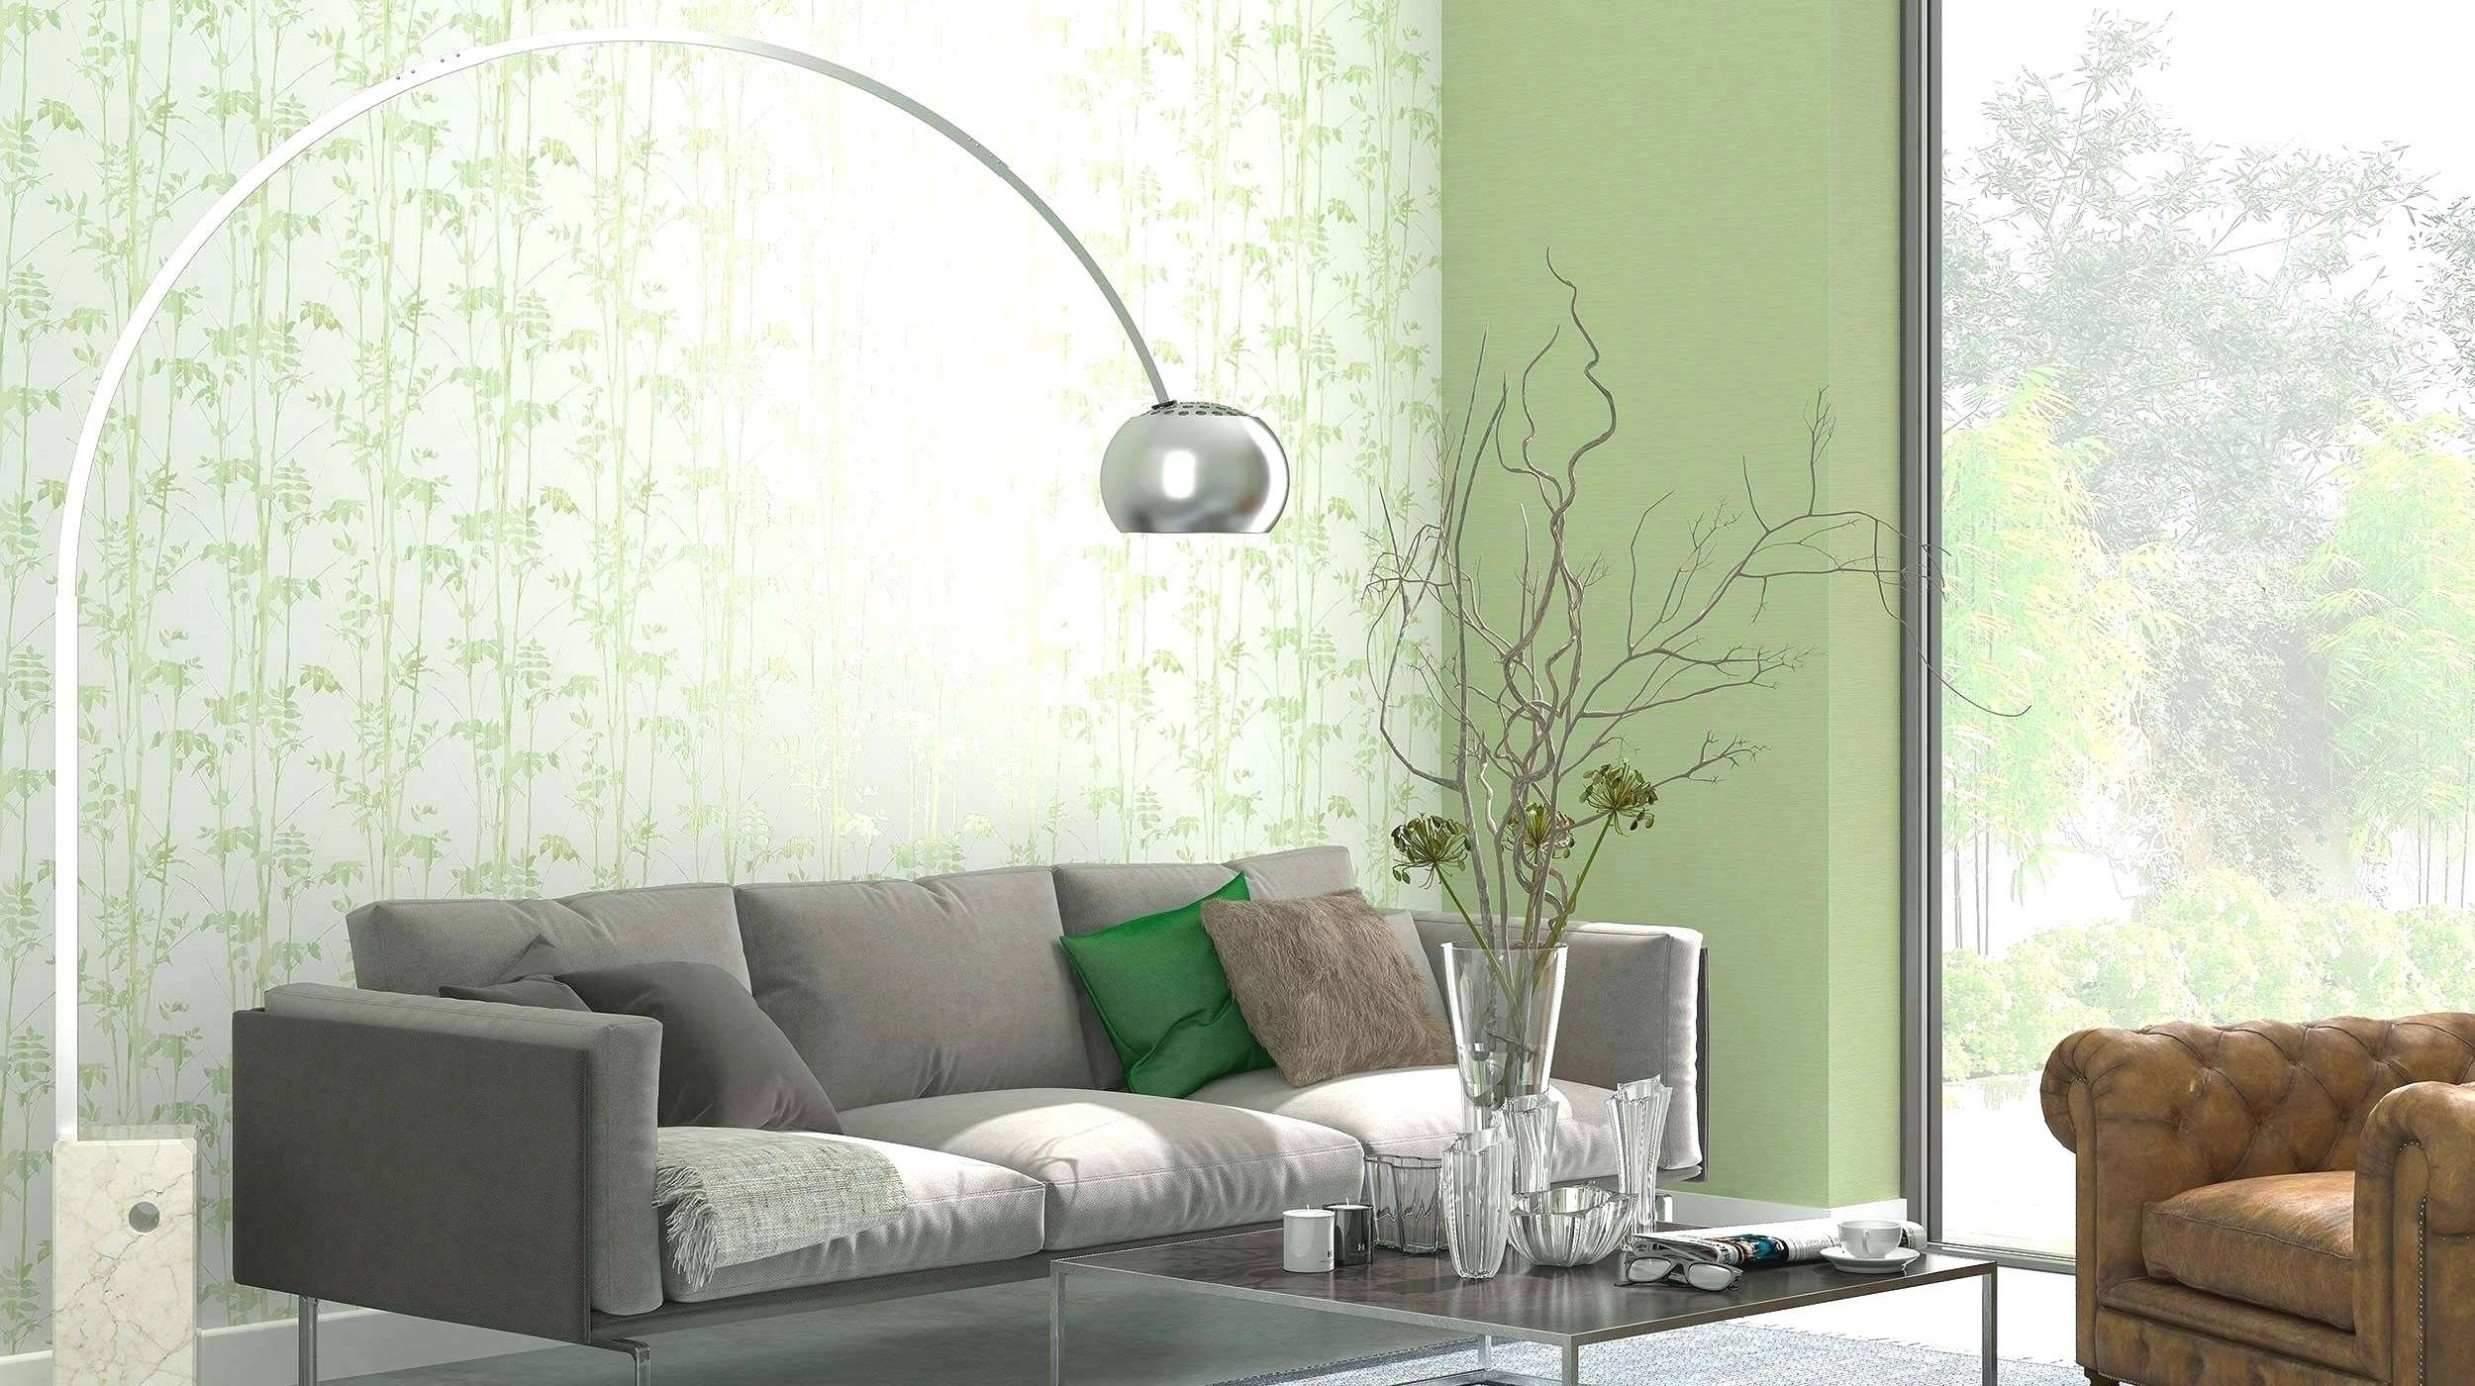 feng shui farben wohnzimmer genial 45 einzigartig von wandfarben trends wohnzimmer konzept of feng shui farben wohnzimmer